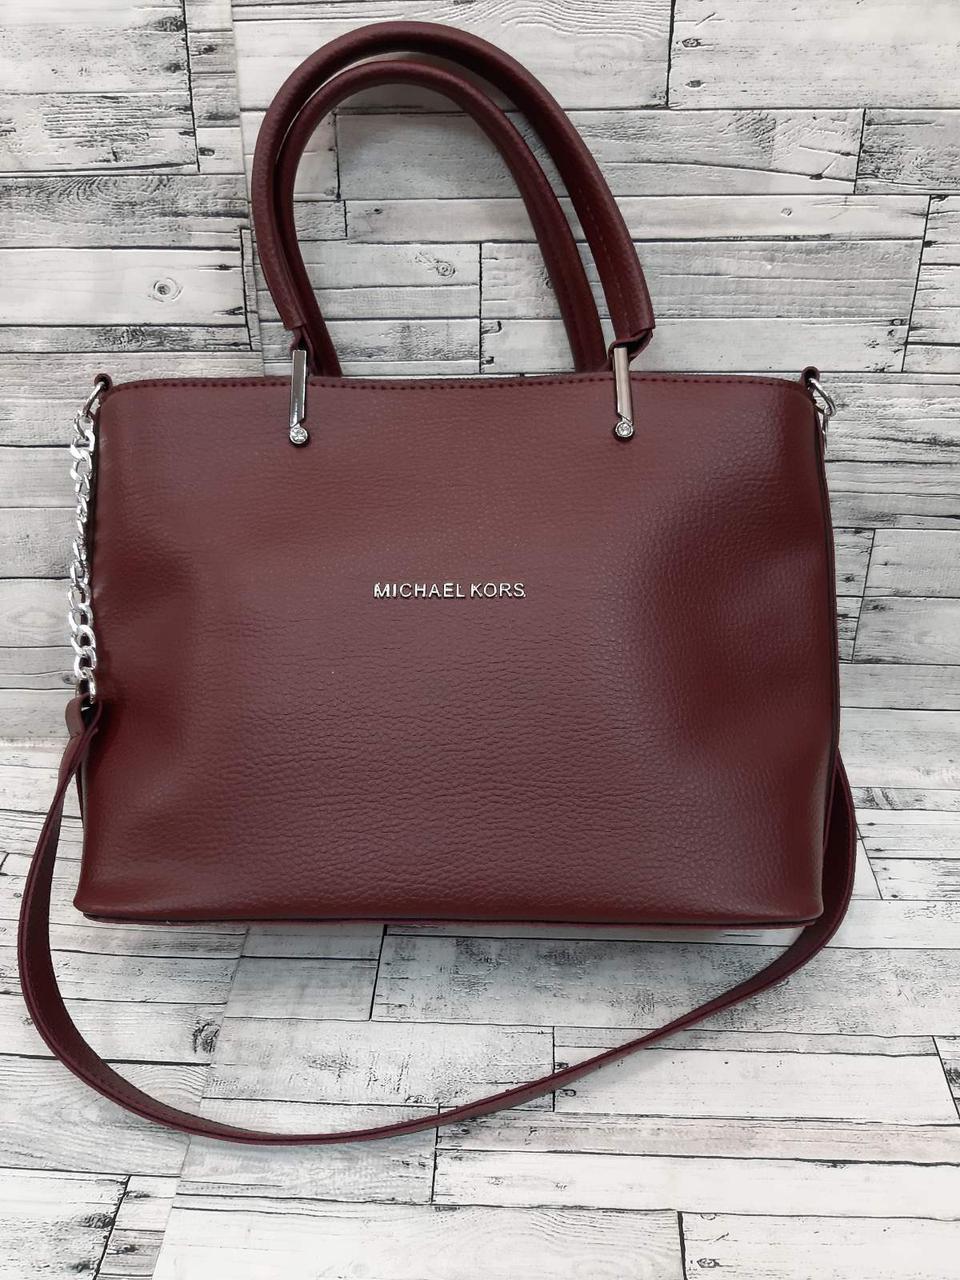 Стильная Женская сумка из кожзама Michael Kors . Бордовая